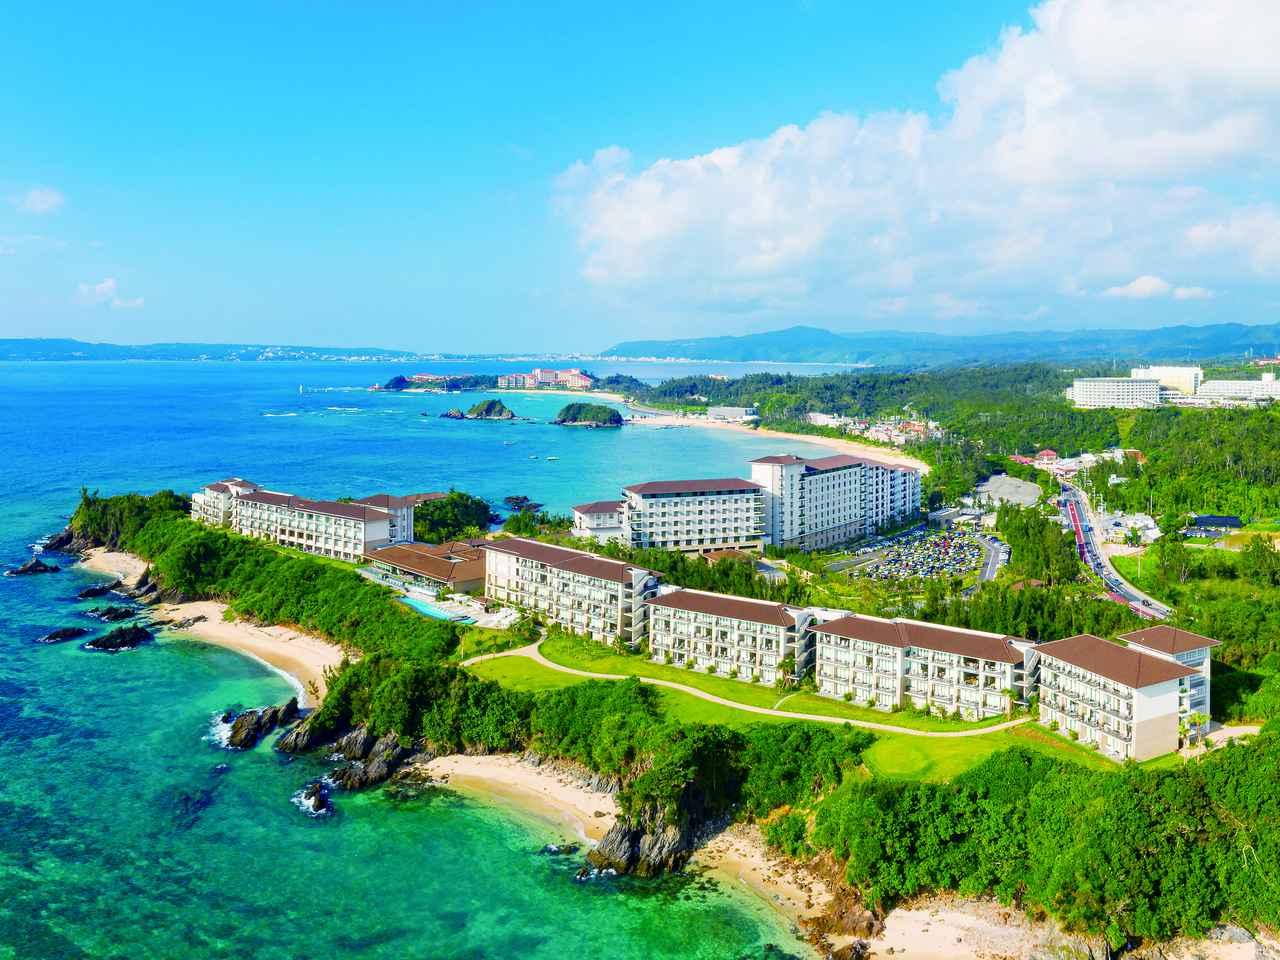 画像: ハワイの老舗が沖縄に上陸。「ハレクラニ沖縄」